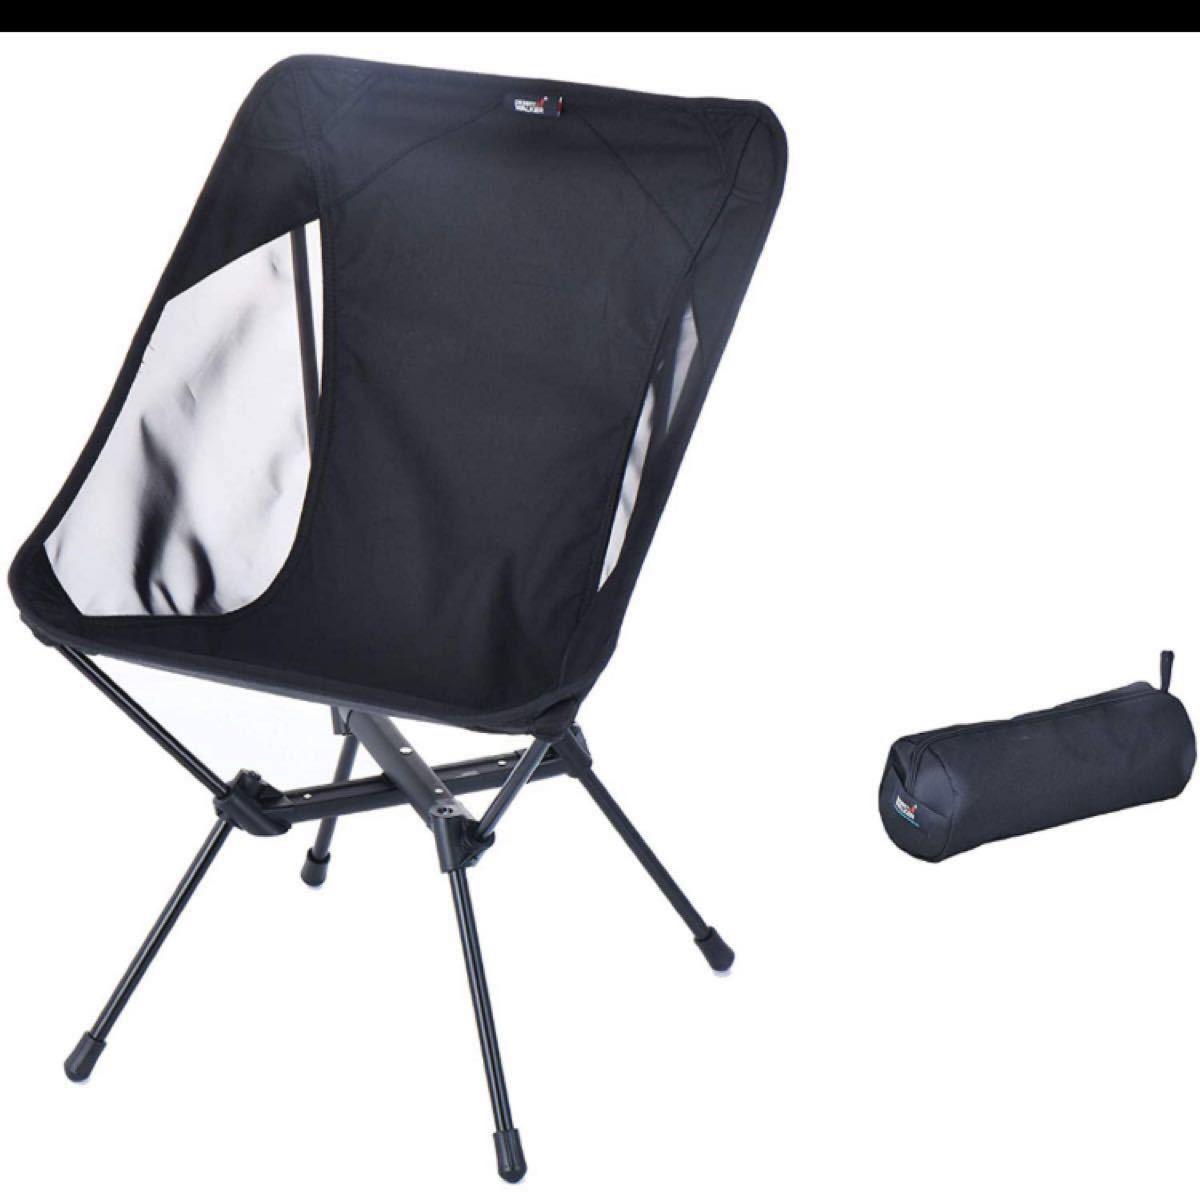 アウトドアチェア 超軽量 ブラック Chair